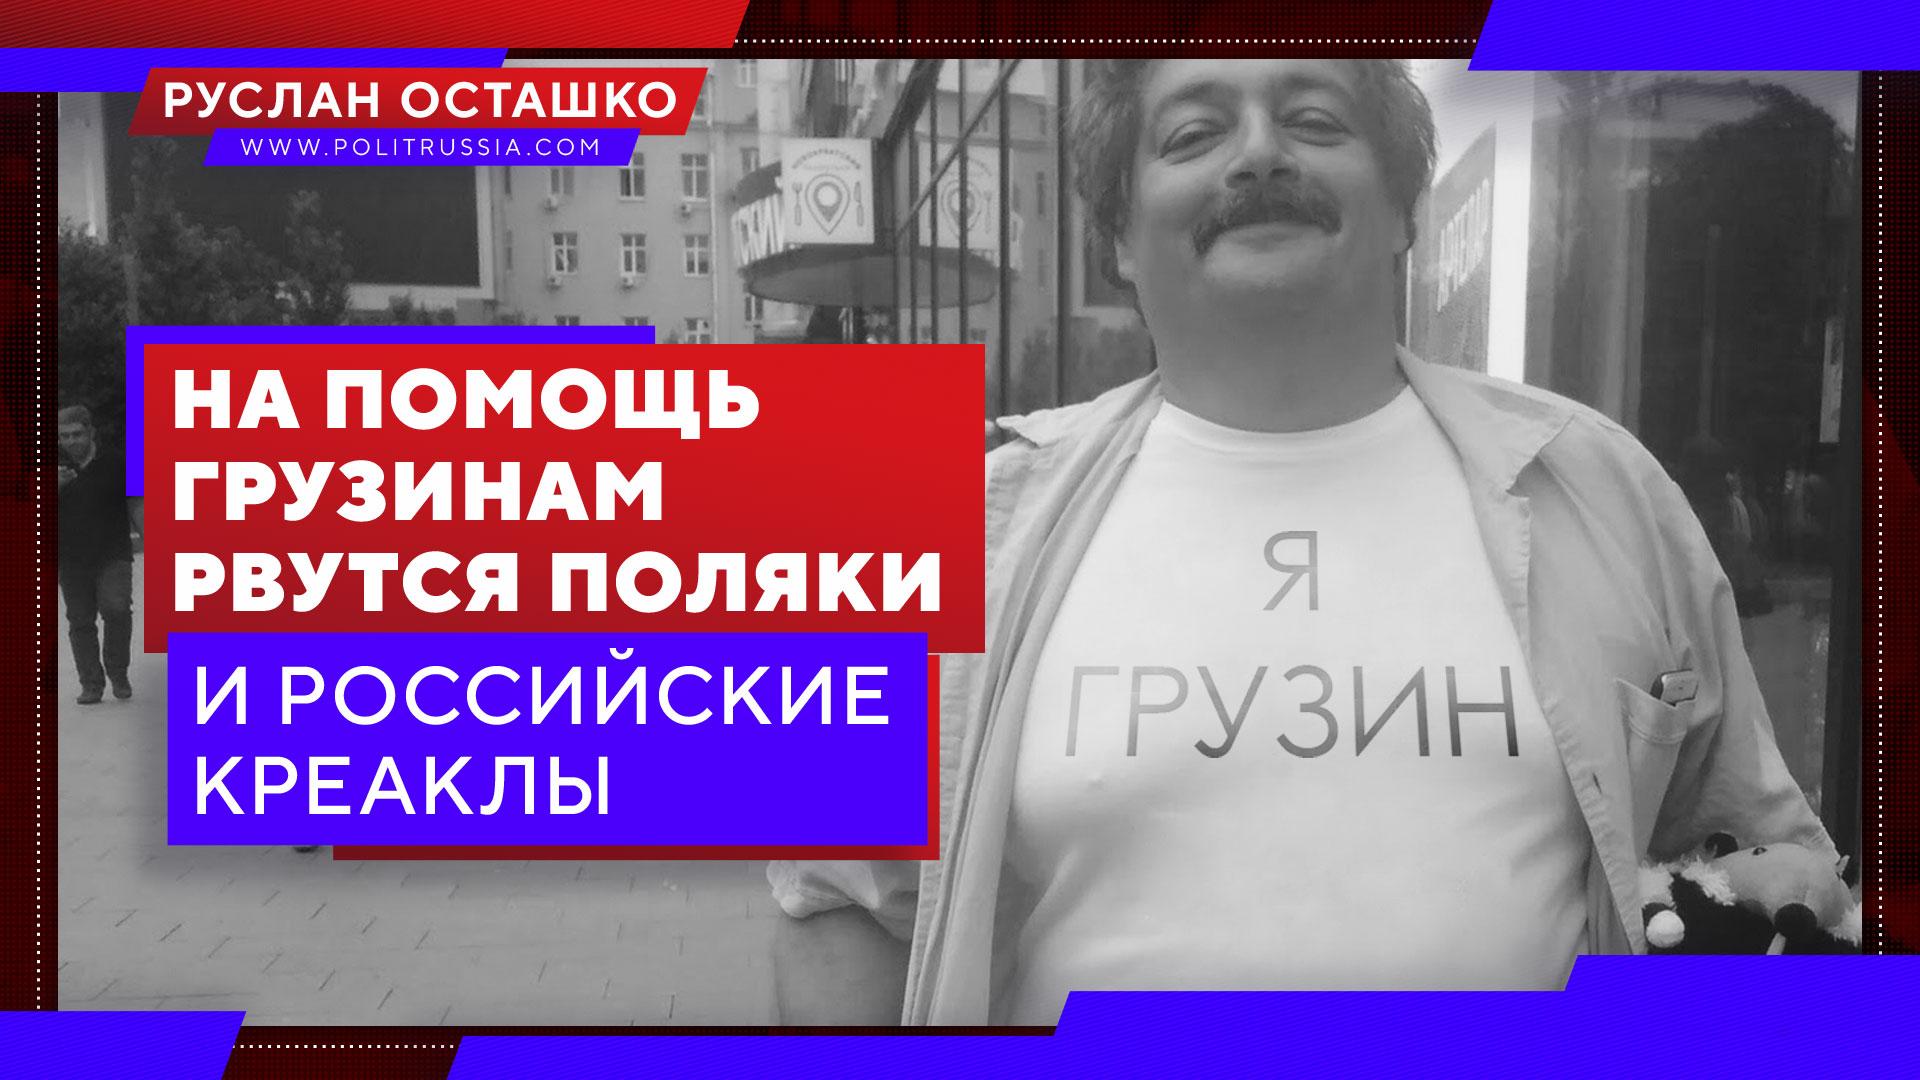 На помощь грузинам рвутся поляки и российские креаклы